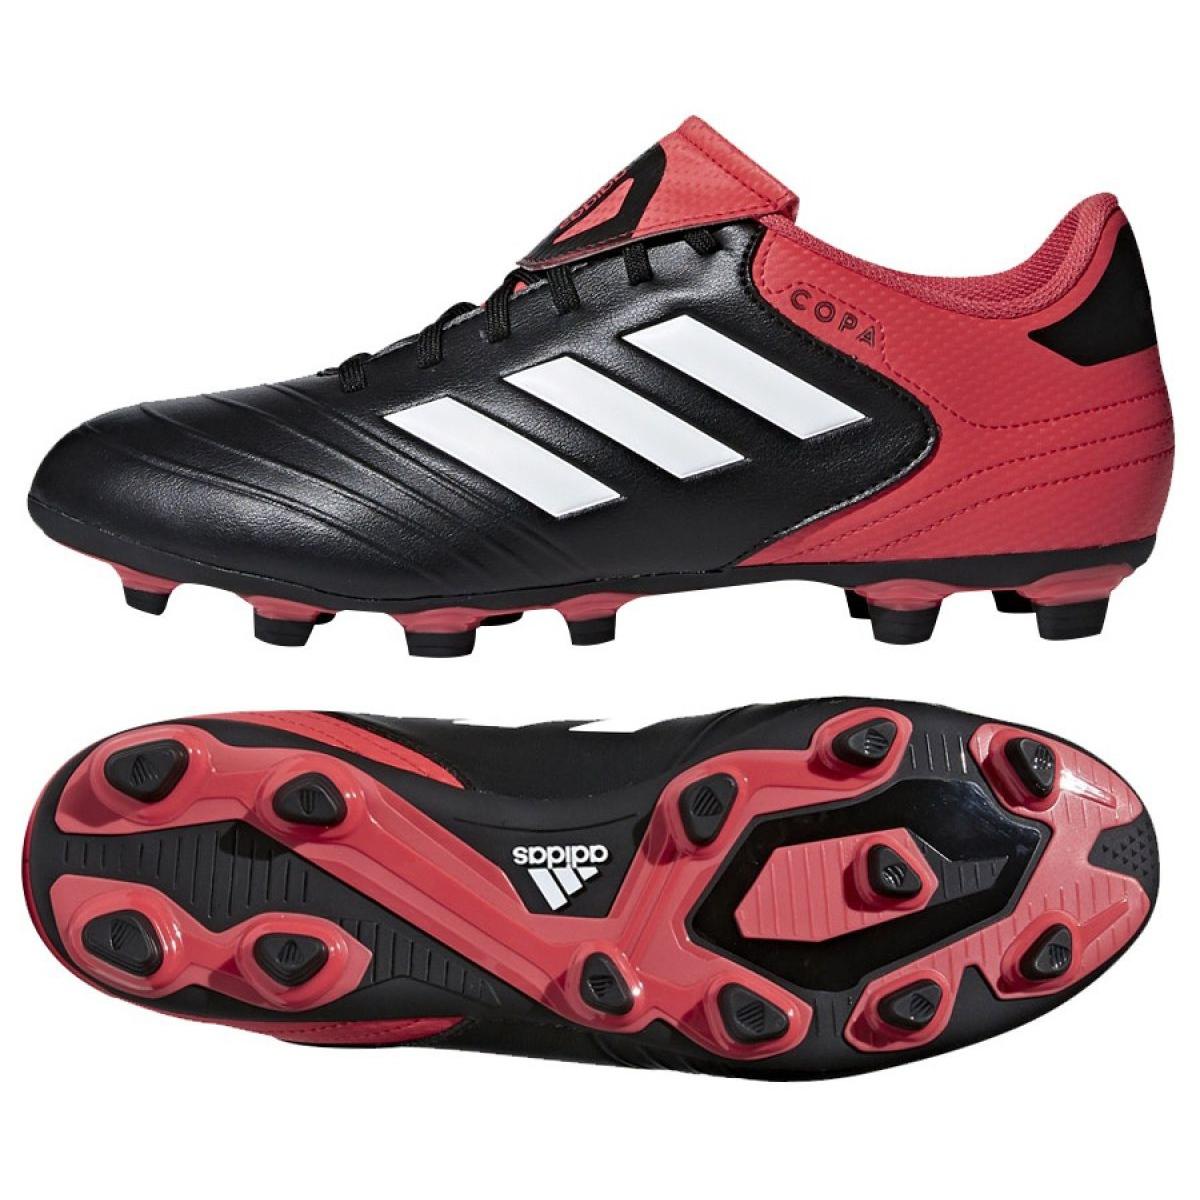 Fussballschuhe Adidas Copa 18 4 Fxg M Cp8960 Schwarz Schwarz Rot